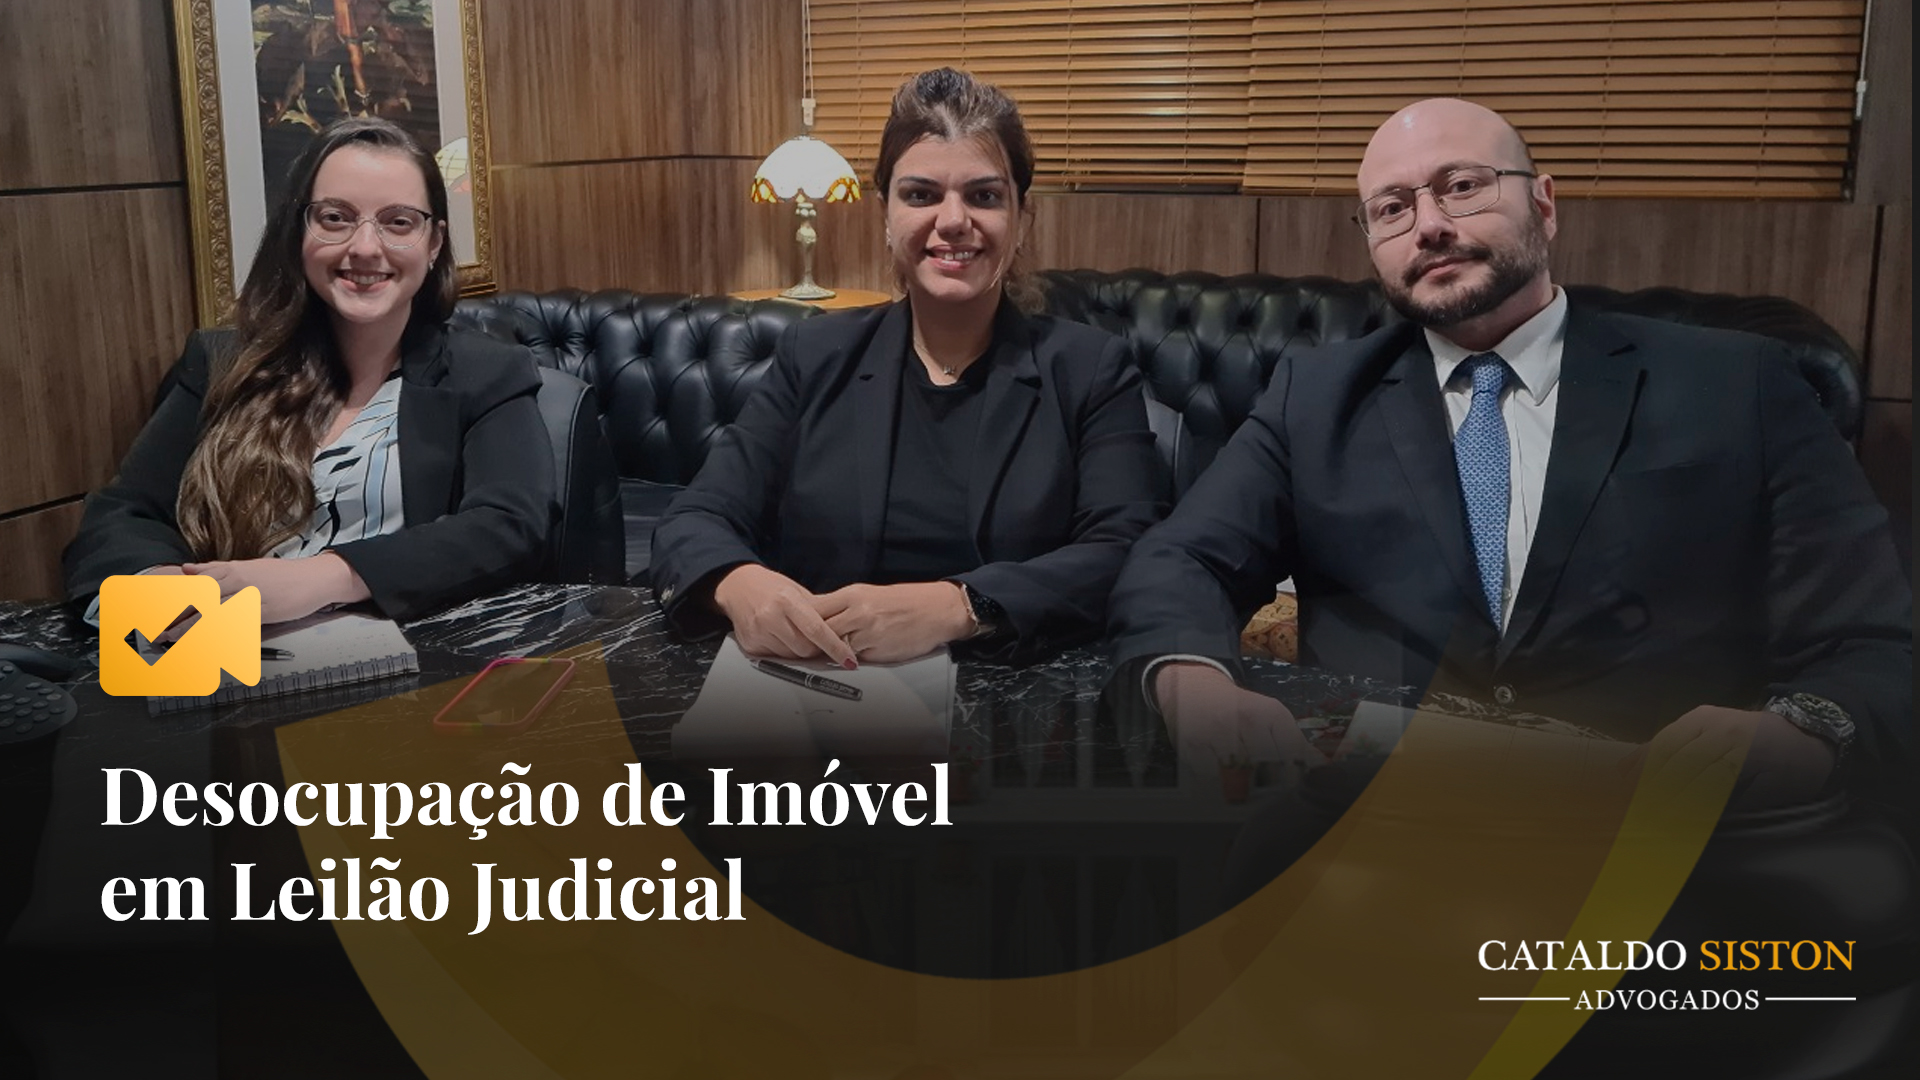 Desocupação de imóvel em leilão judicial | CATALDO SISTON